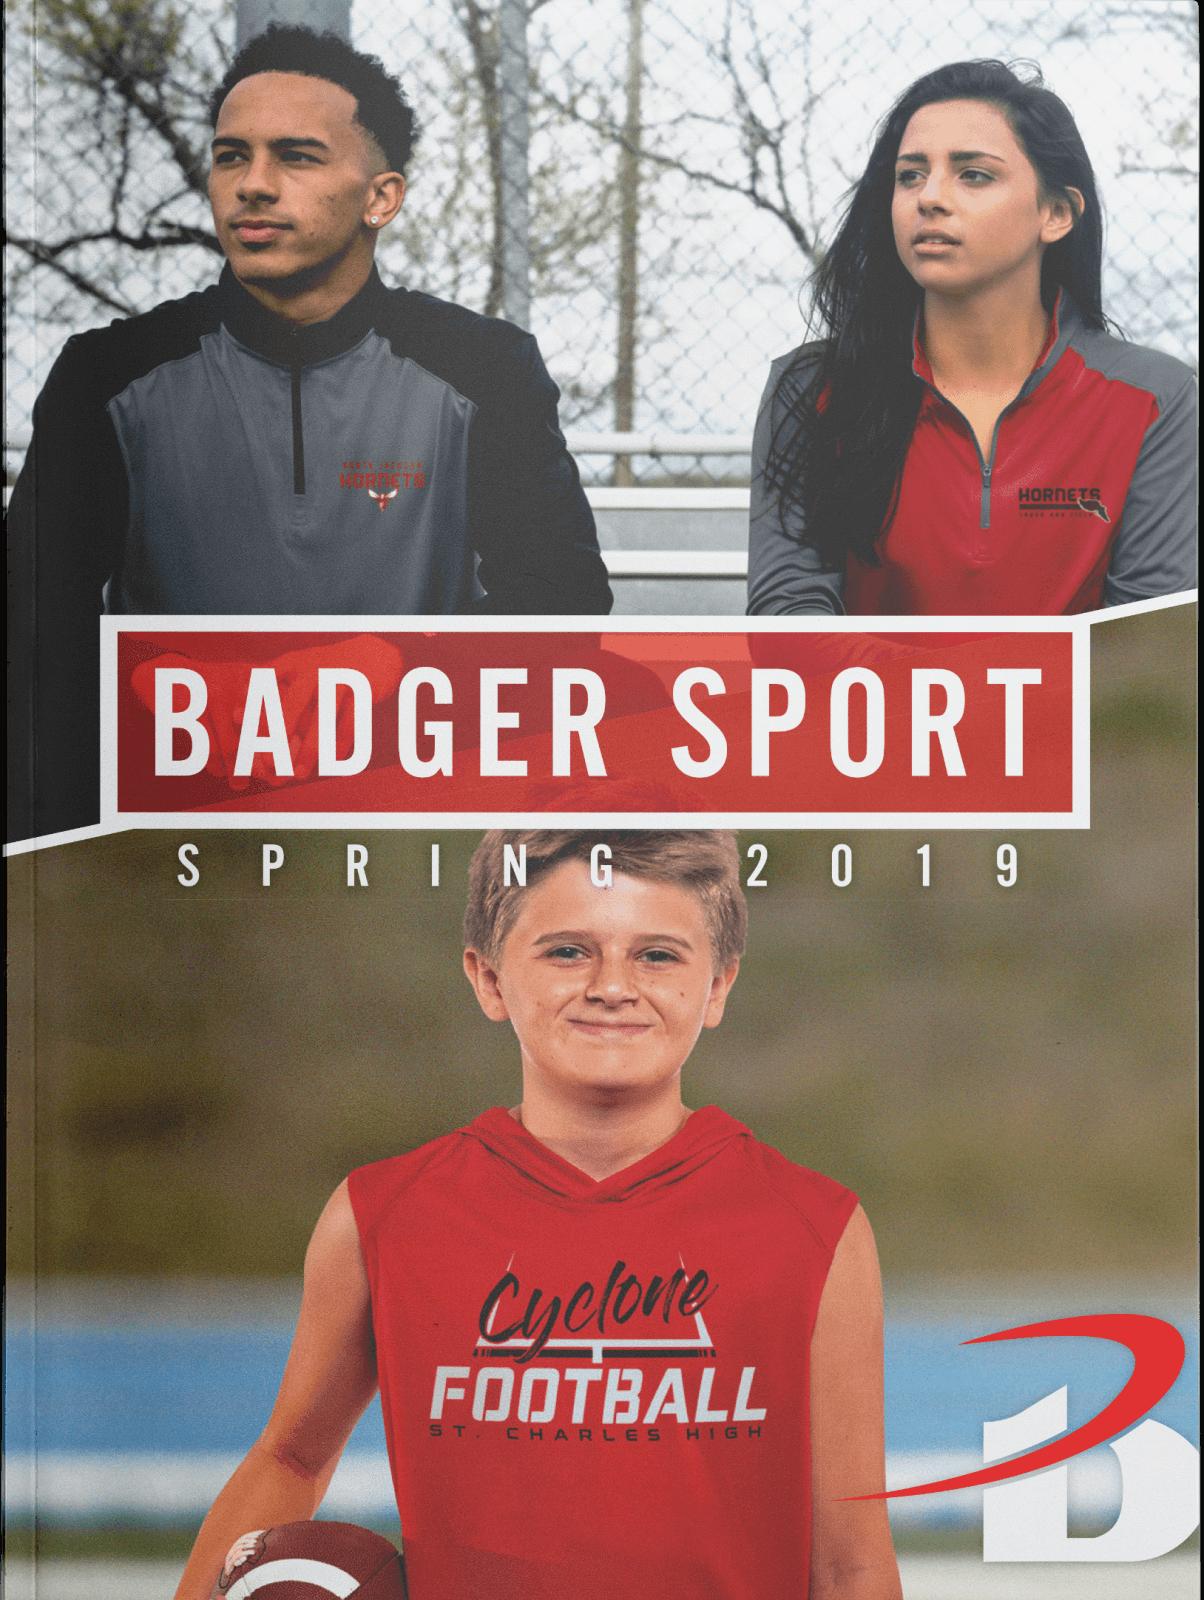 Badger Sport Spring 2019